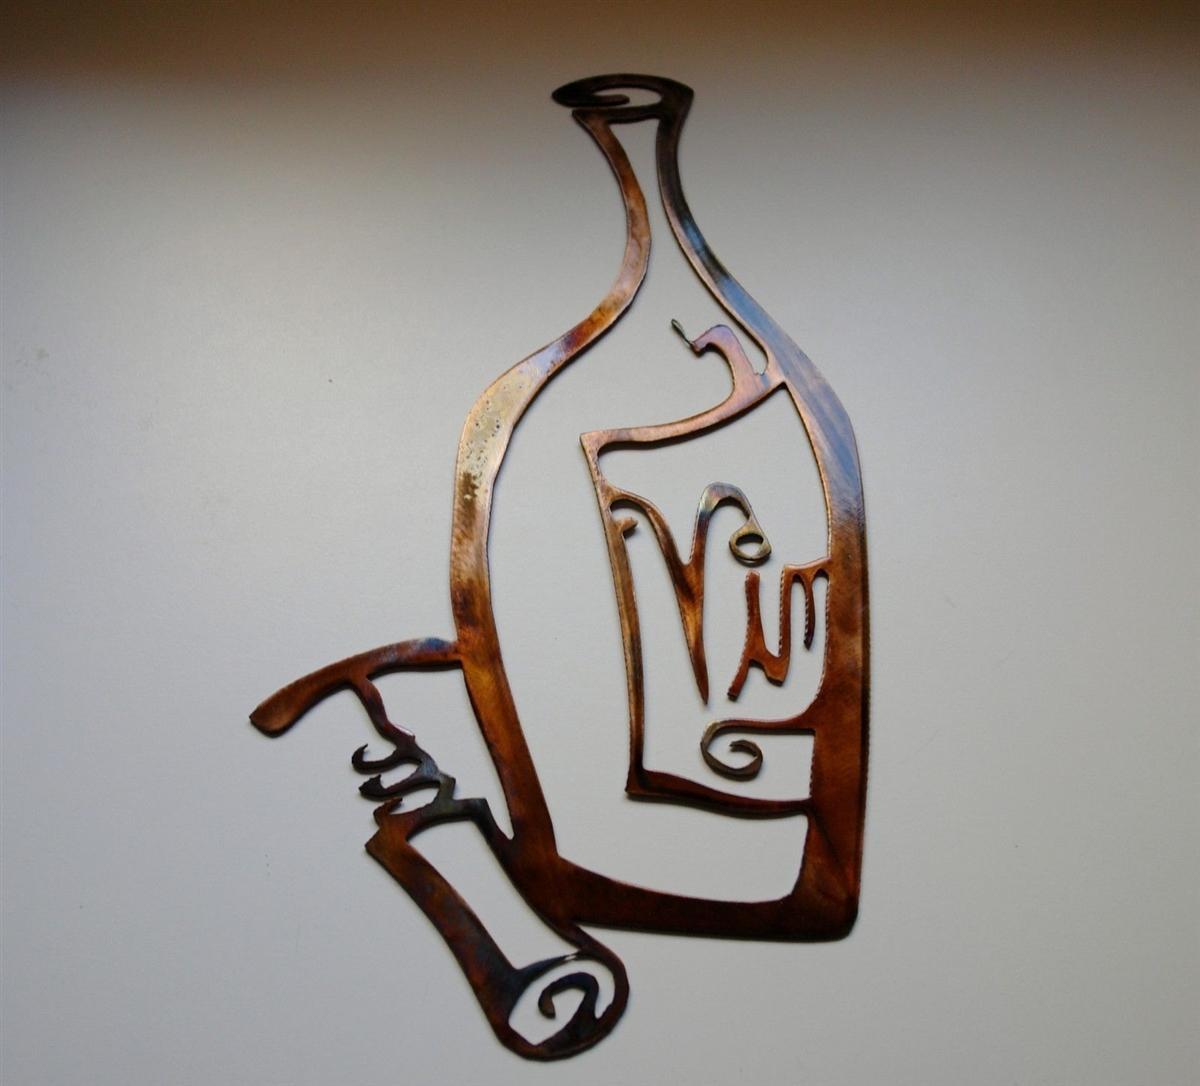 Vino! Metal Wall Art Decor, Wine Bottle And Opener Copper & Bronze Regarding Wine Metal Wall Art (View 9 of 20)